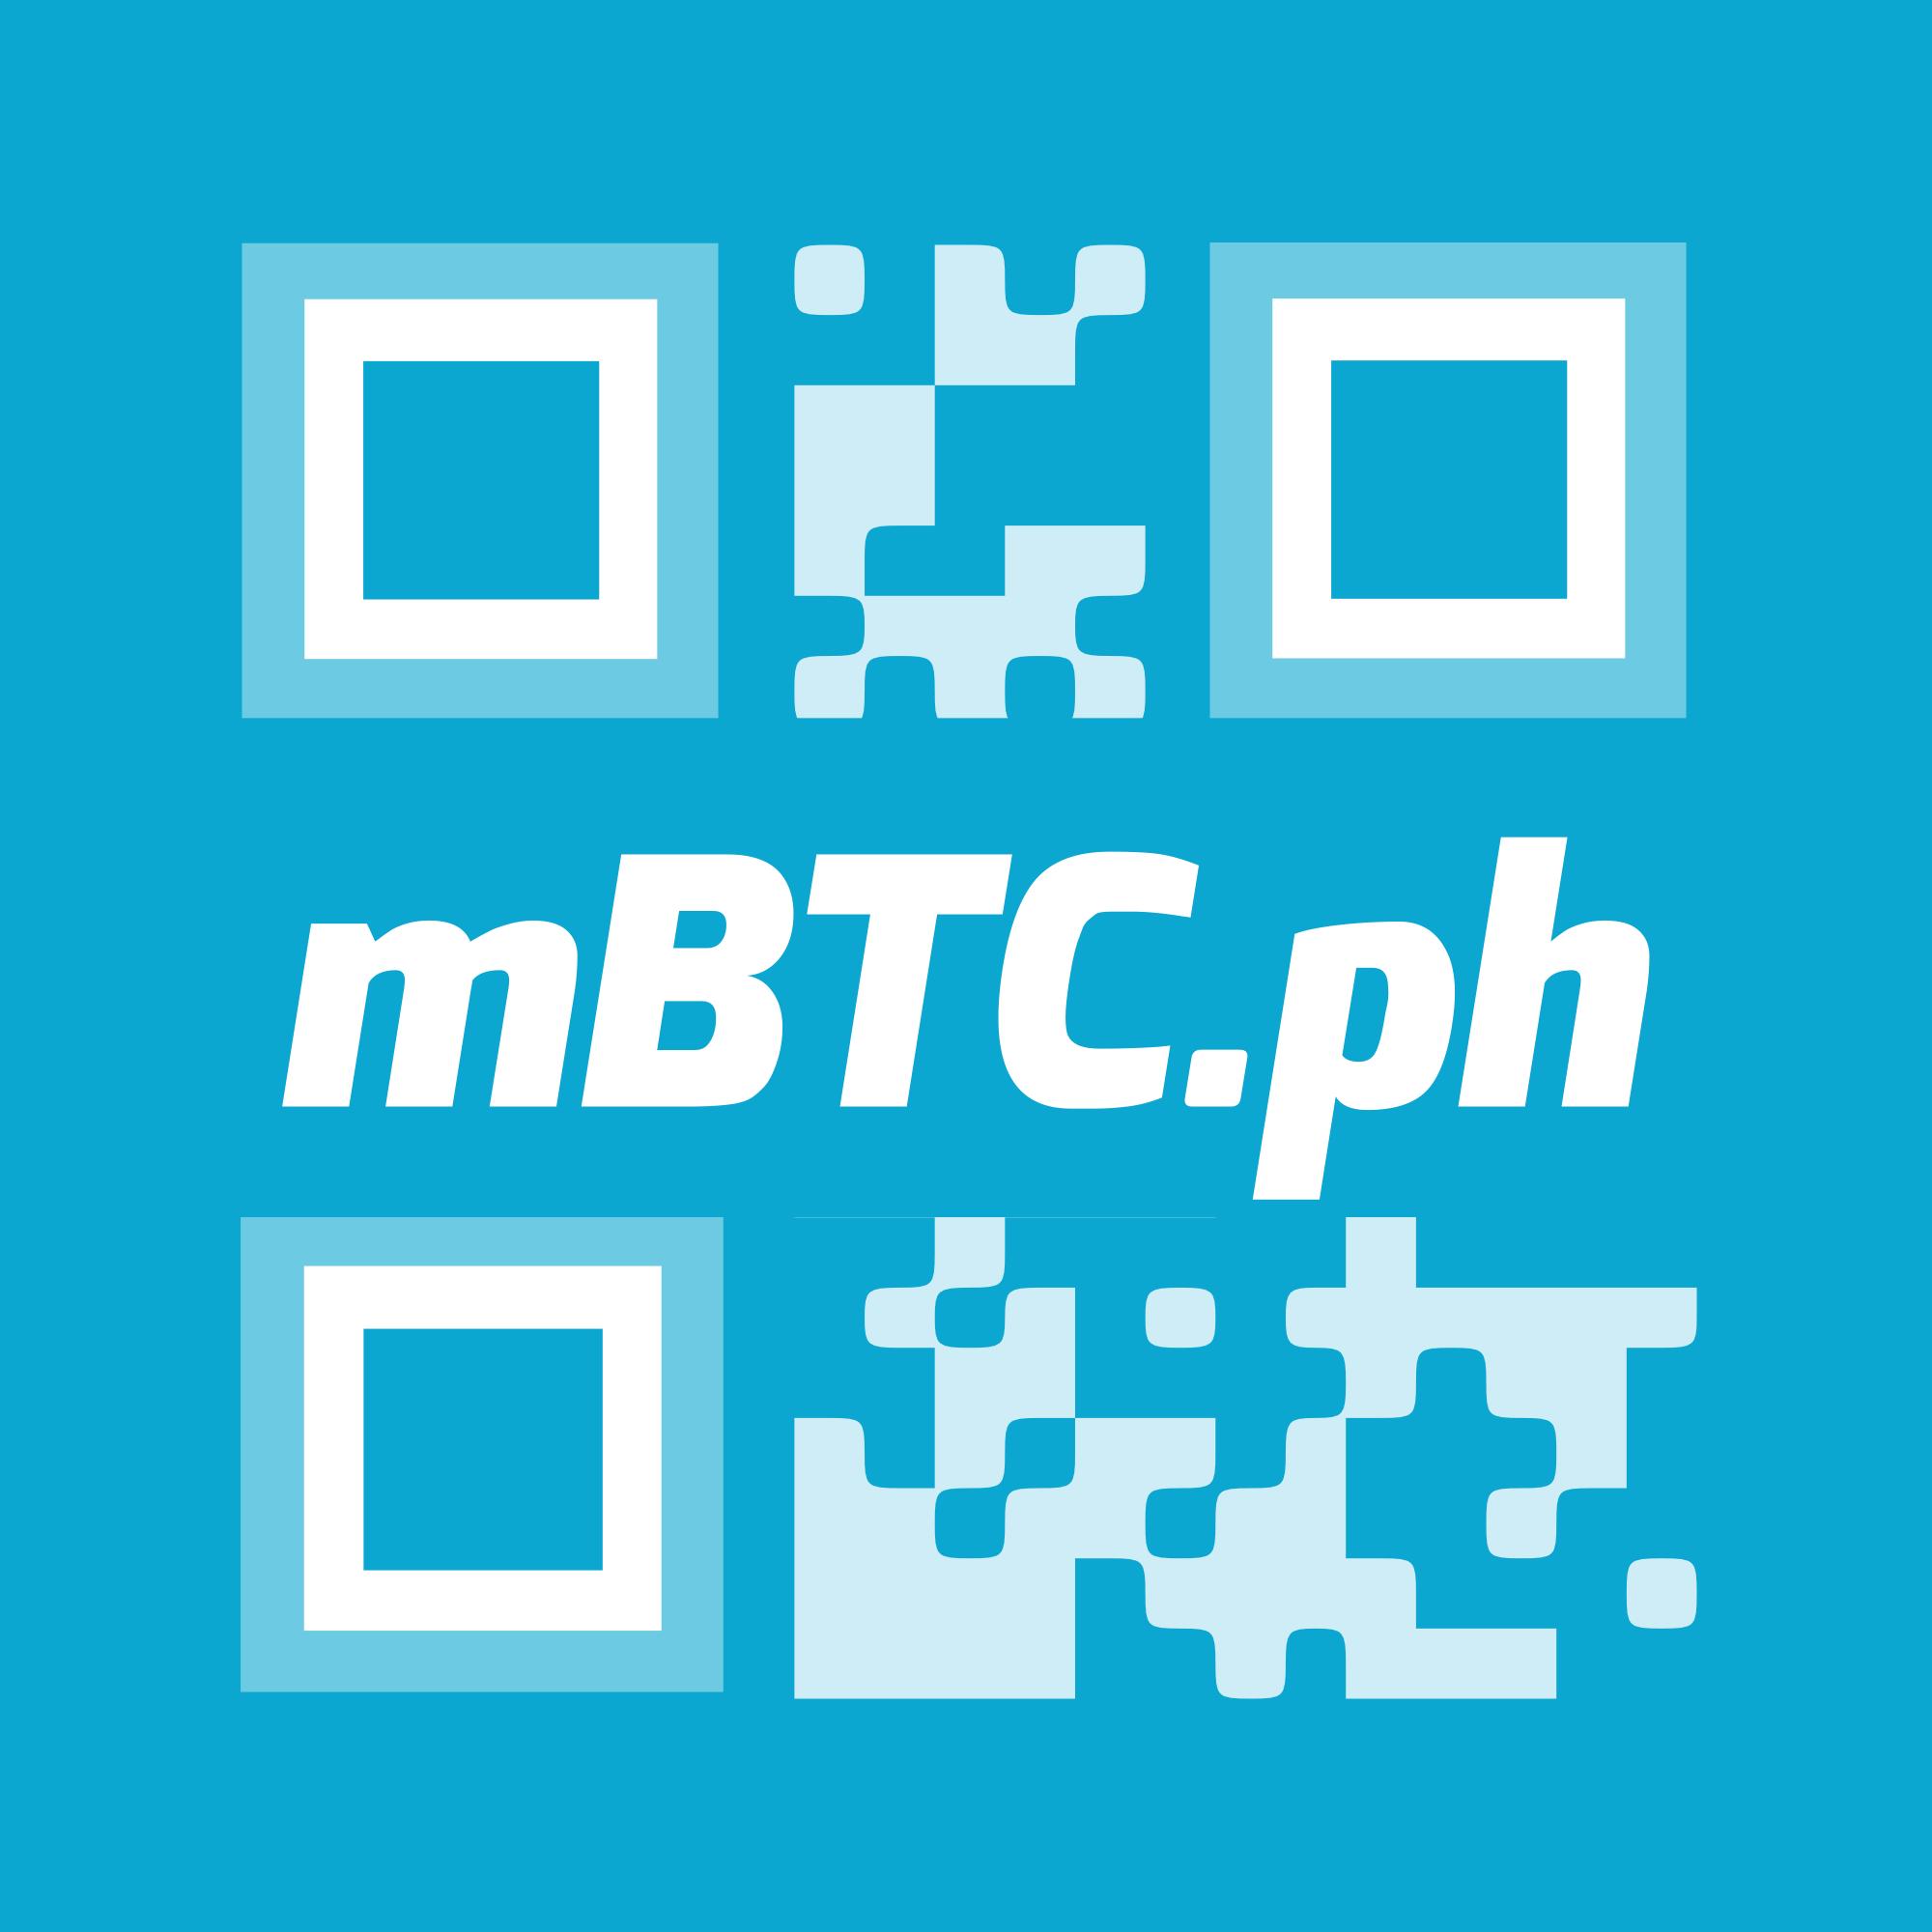 kaip pradėti prekybos bitcoins kiek galite padaryti prekybos kriptocurrency